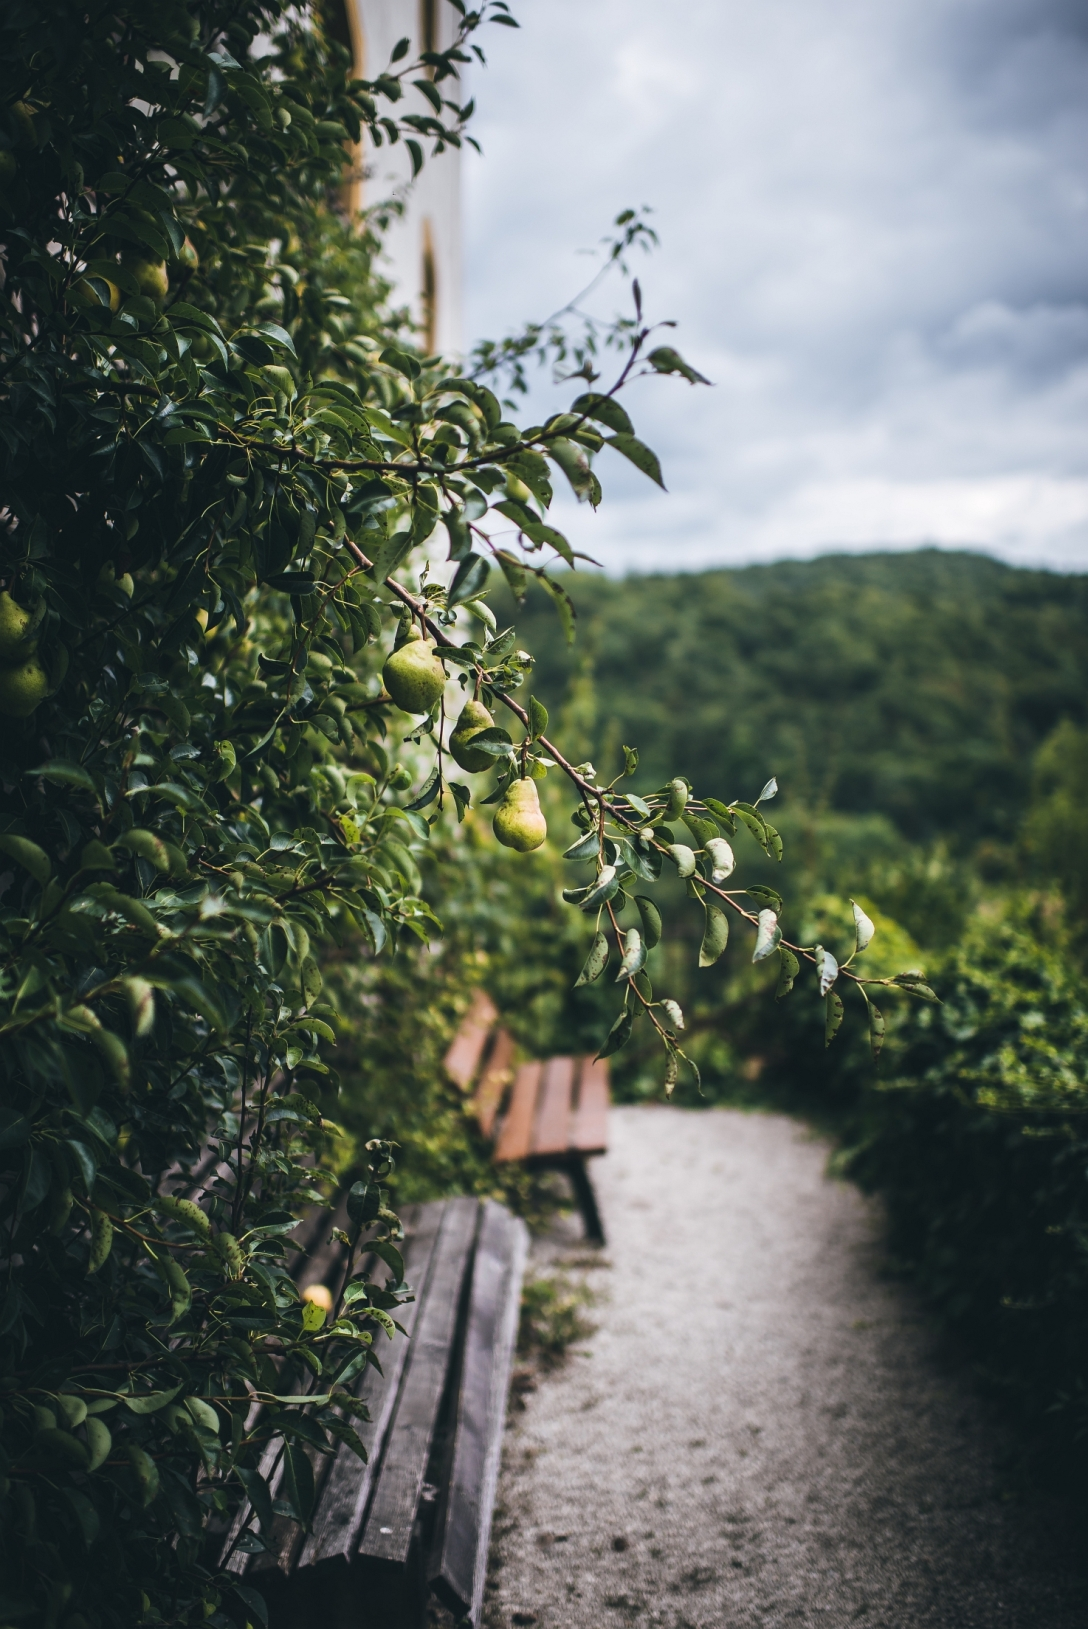 egloffstein-germany-landscape-photo- (2)